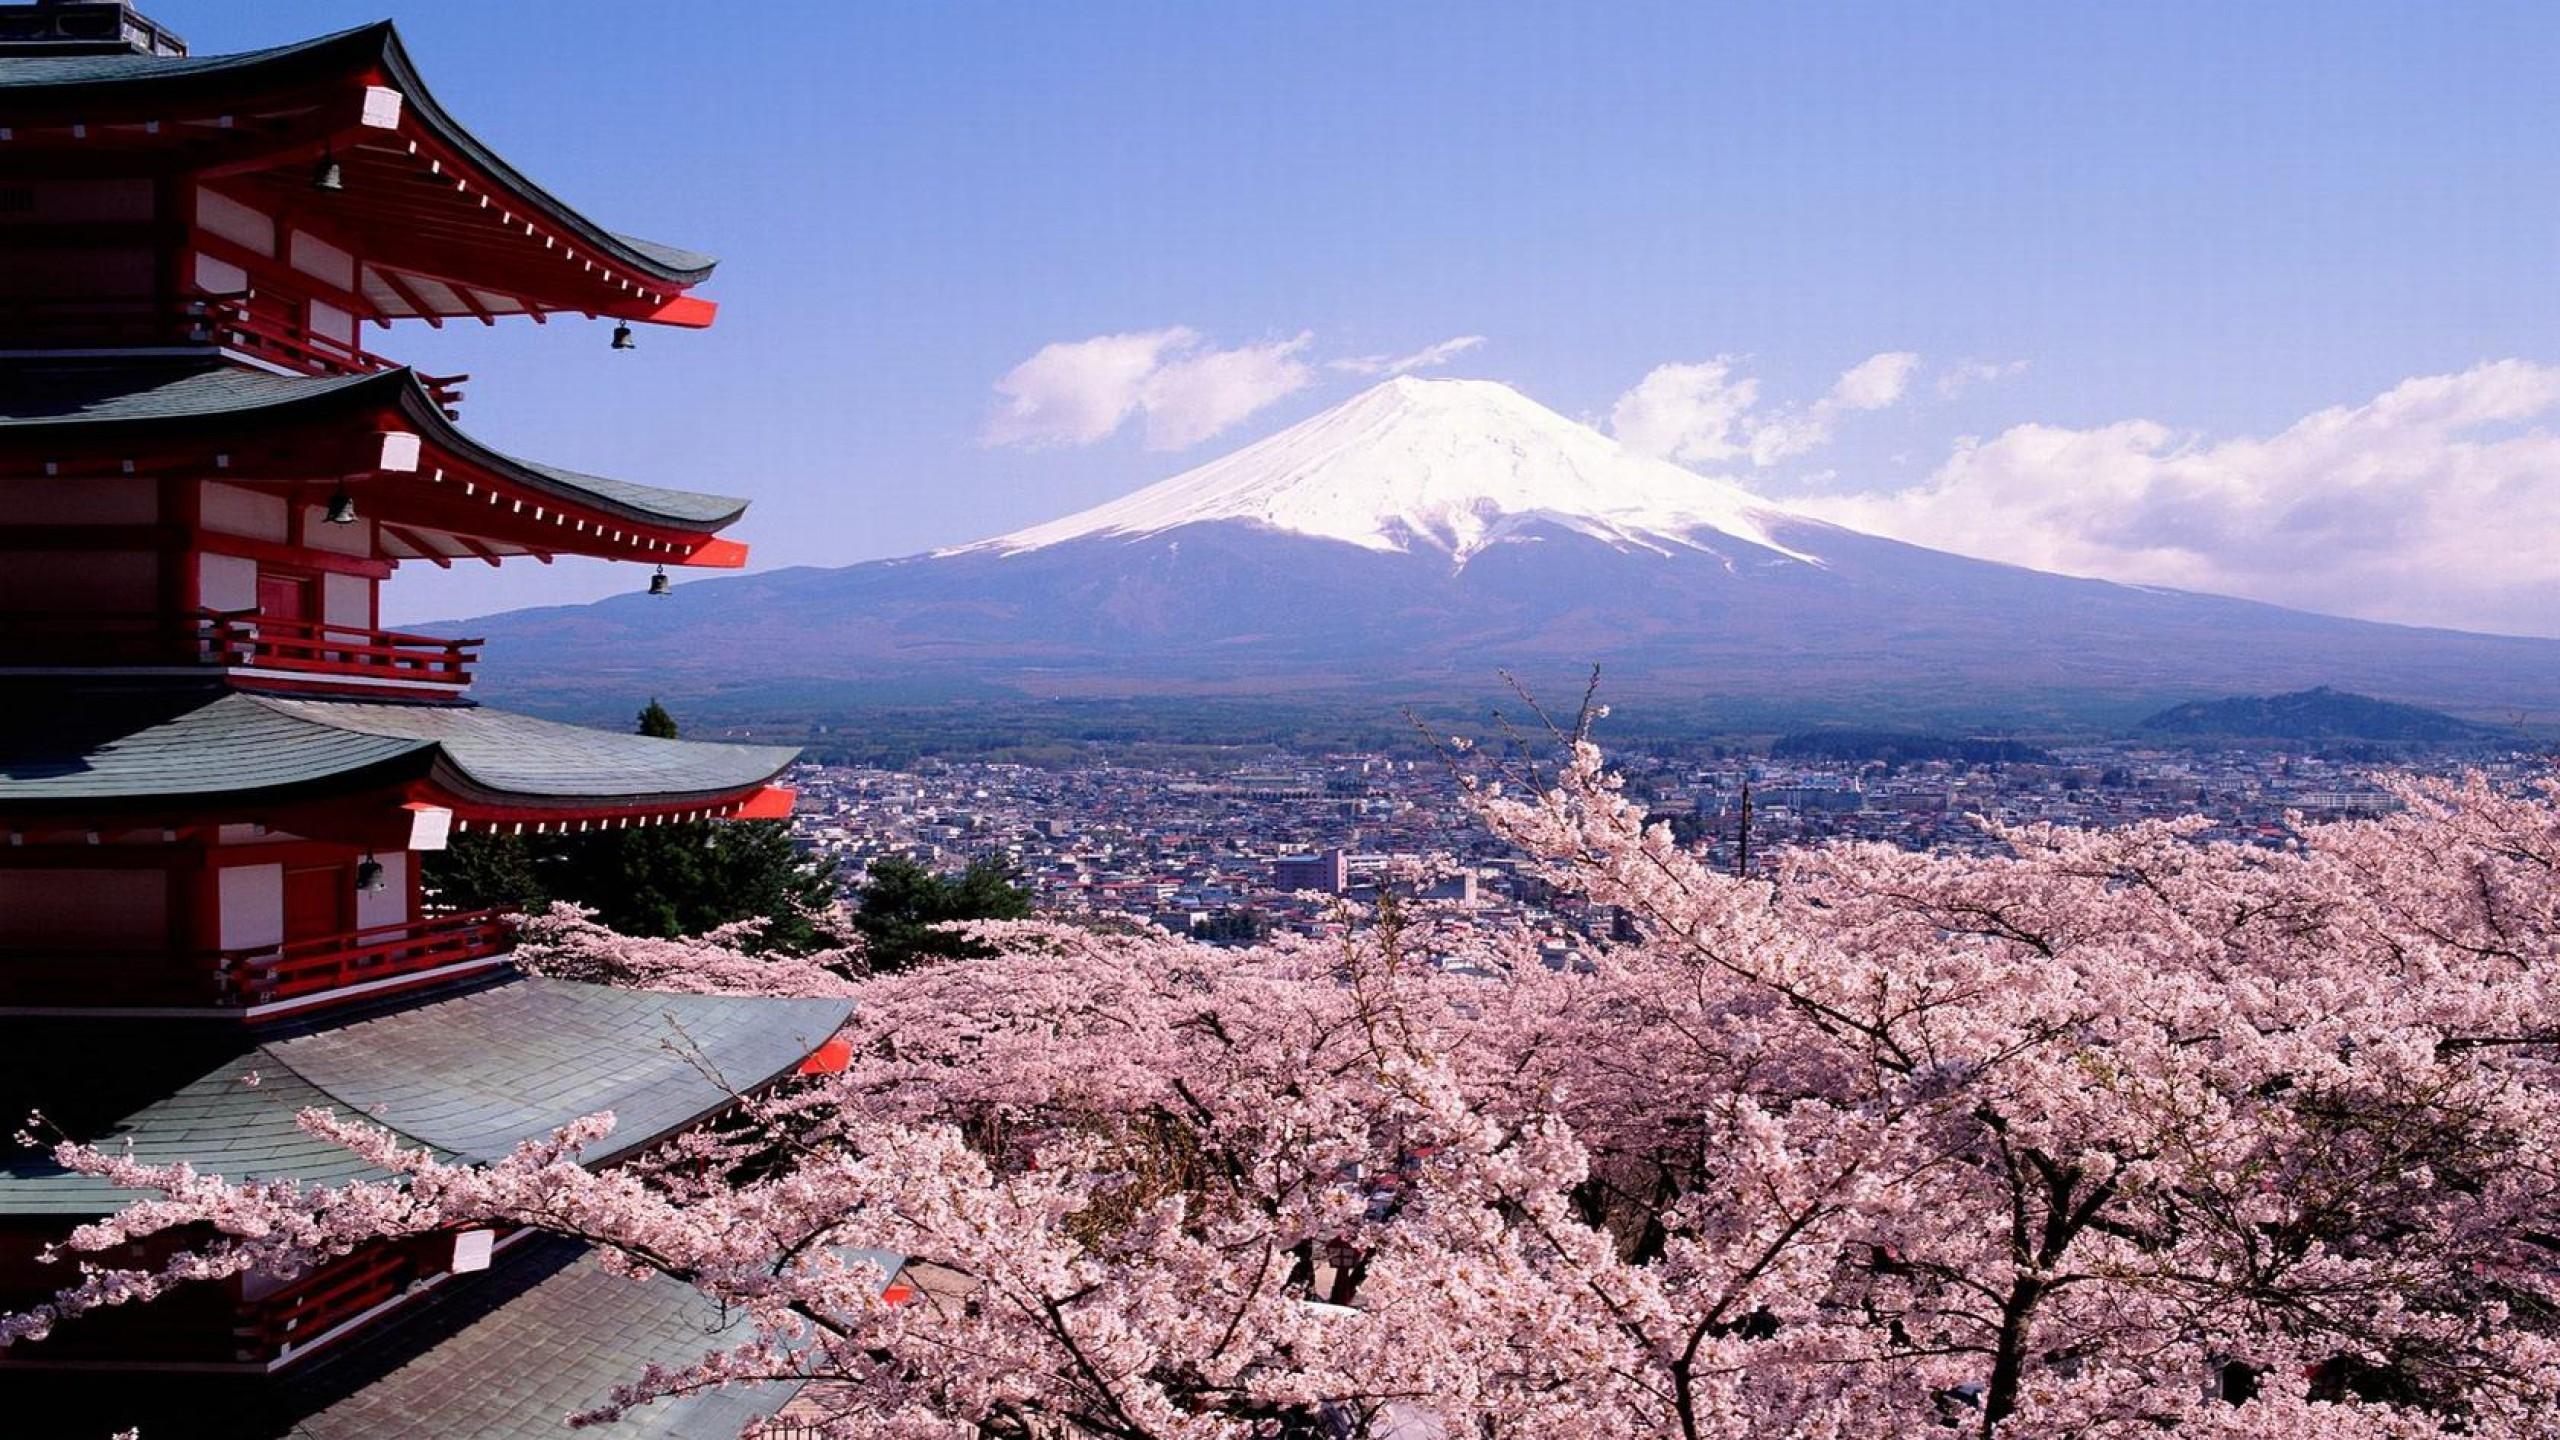 mount fuji japan wallpaper - hd wallpapers